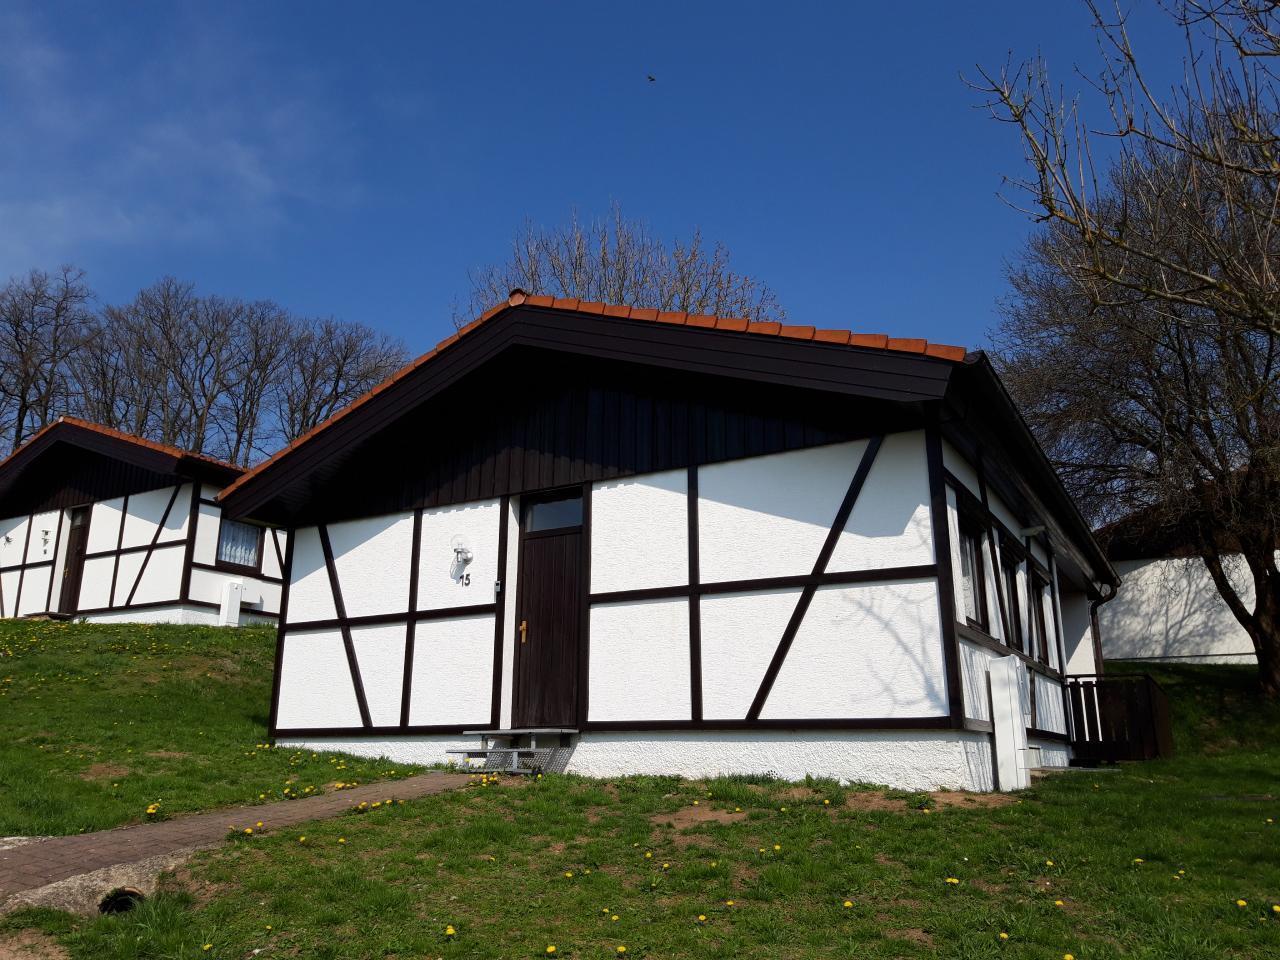 Ferienhaus / Bungalow 15 neu renoviert für 4-6 Personen in der Rhön Residence Bungalows (757460), Dipperz, Rhön (Hessen), Hessen, Deutschland, Bild 1